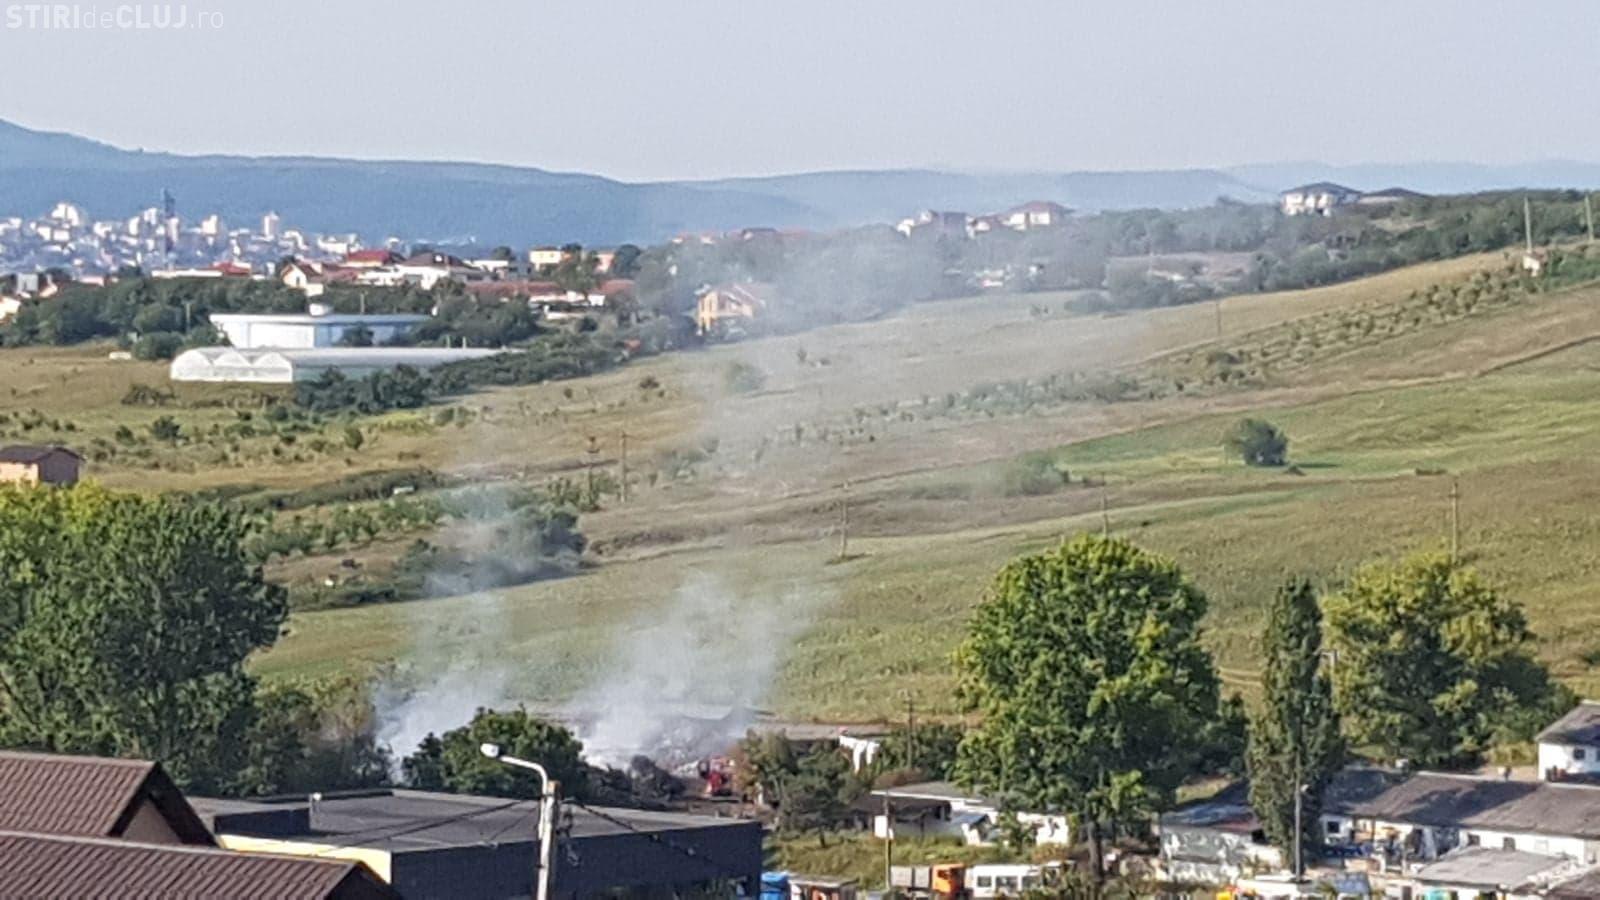 Incendiu în Iris! Fumul este resimțit și în alte cartiere FOTO